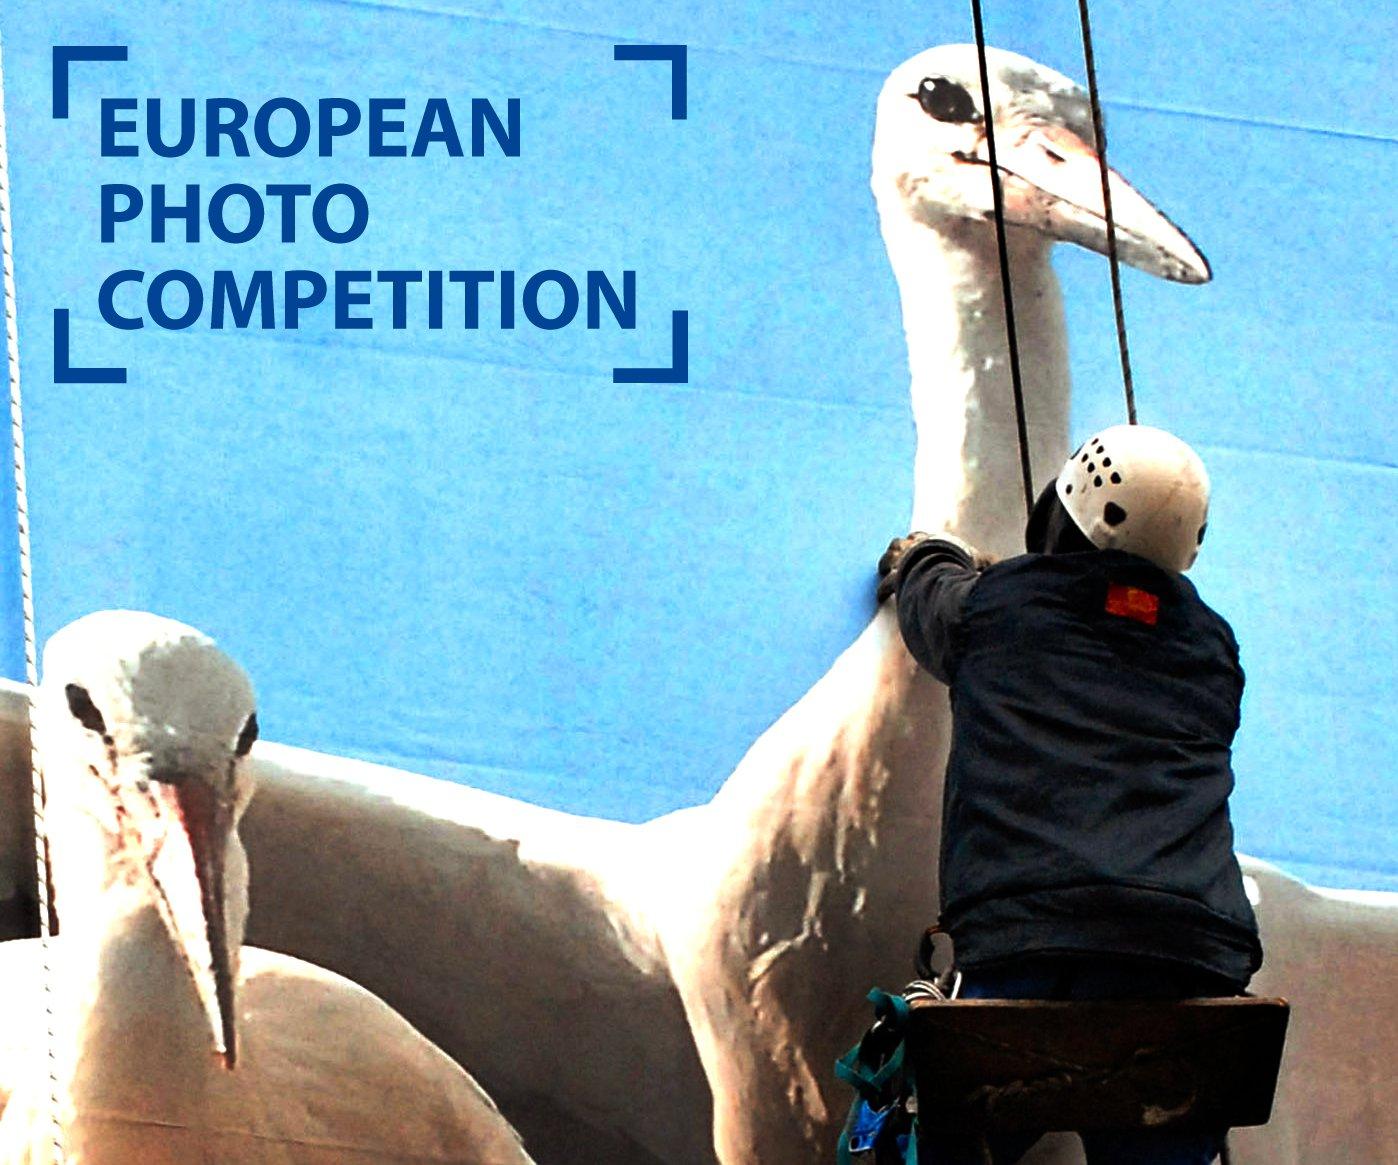 Concorso fotografico europeo 'Focus sulla prevenzione dei rischi'